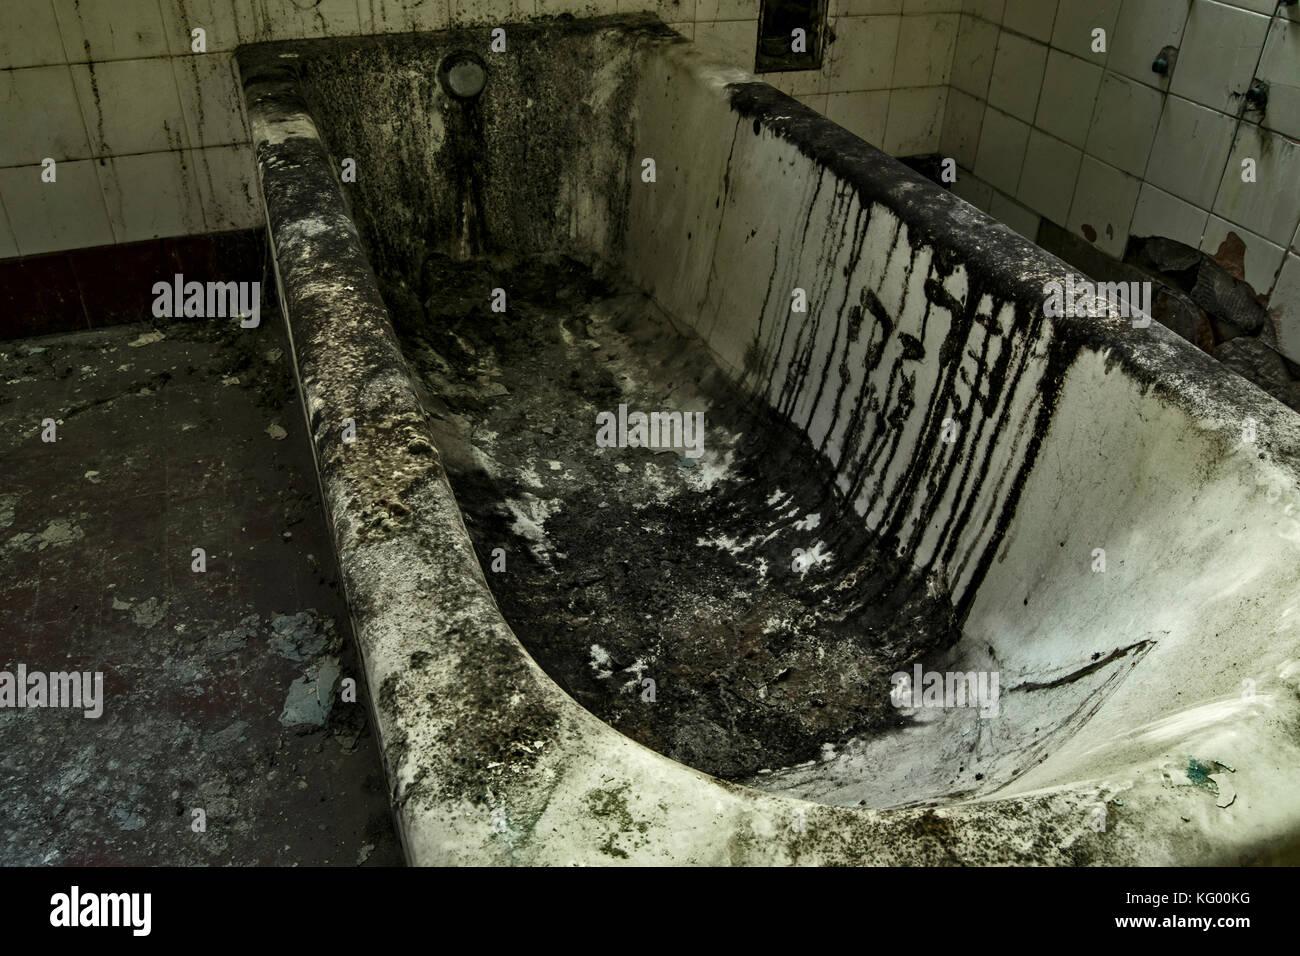 Eine alte Wanne in einem verlassenen psychiatrischen Krankenhaus, sehr Schmutz und verkrustete Stockbild